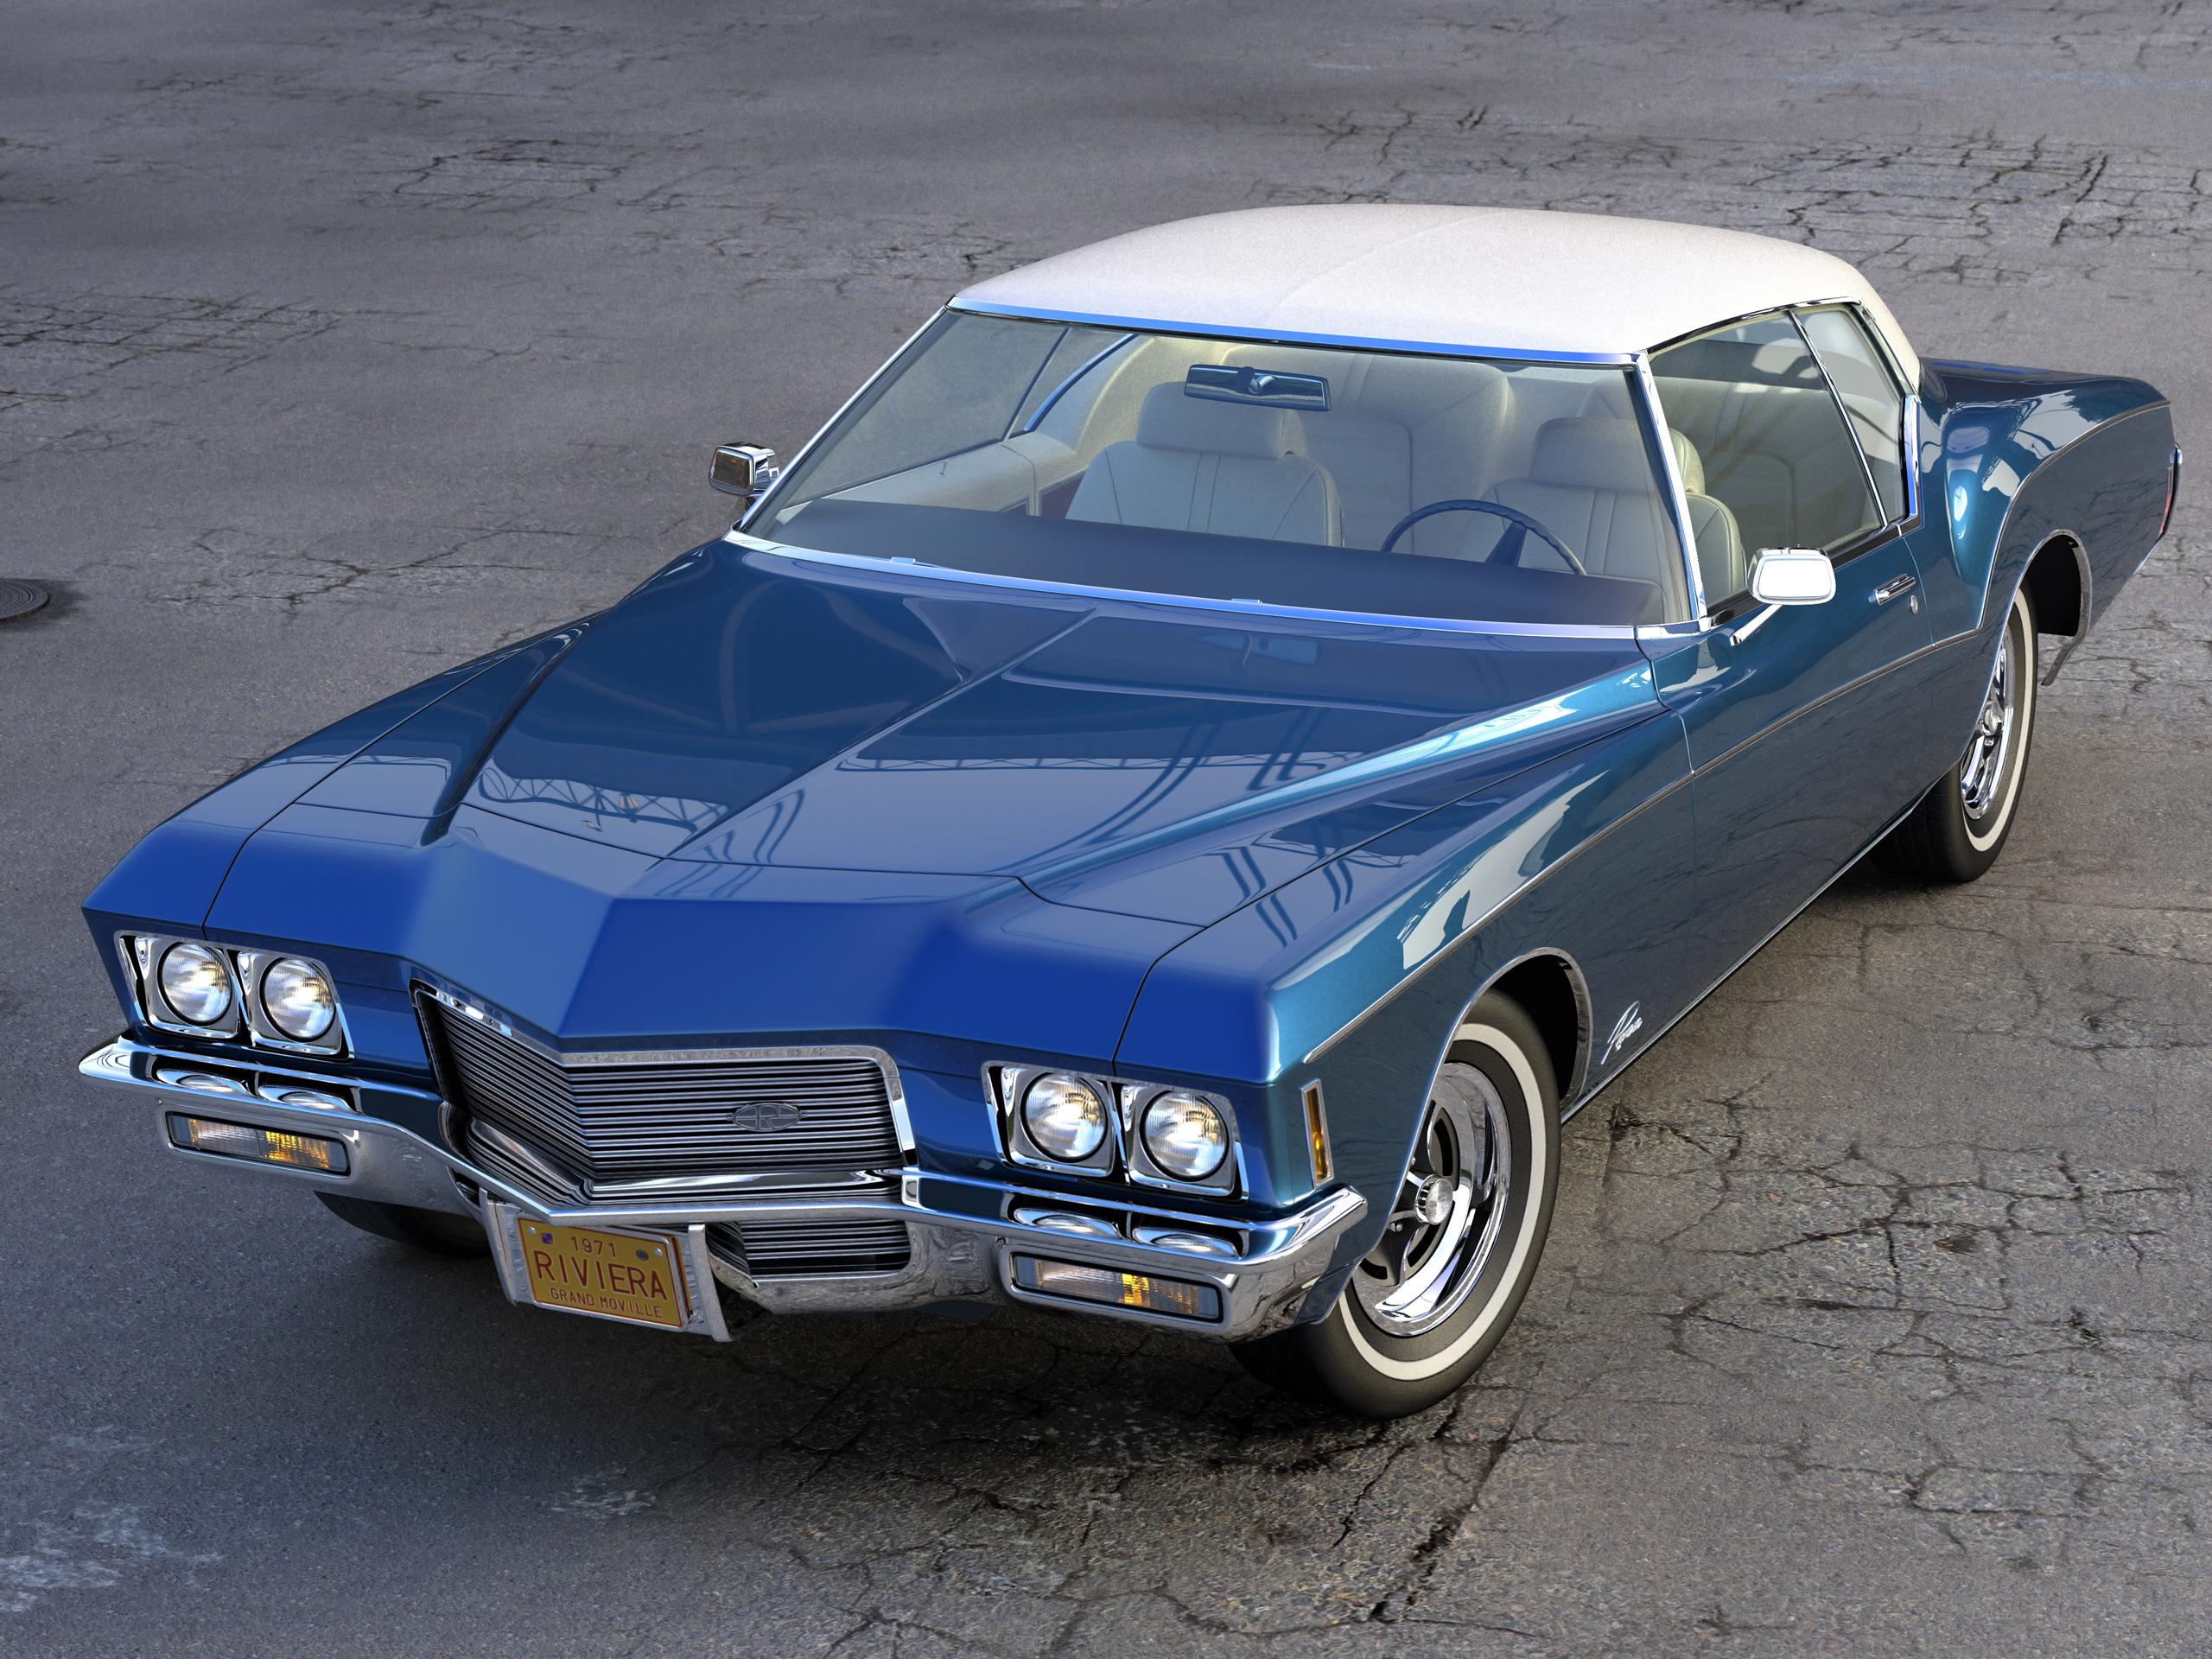 buick riviera 1971 3d model 3ds max fbx c4d obj 202613